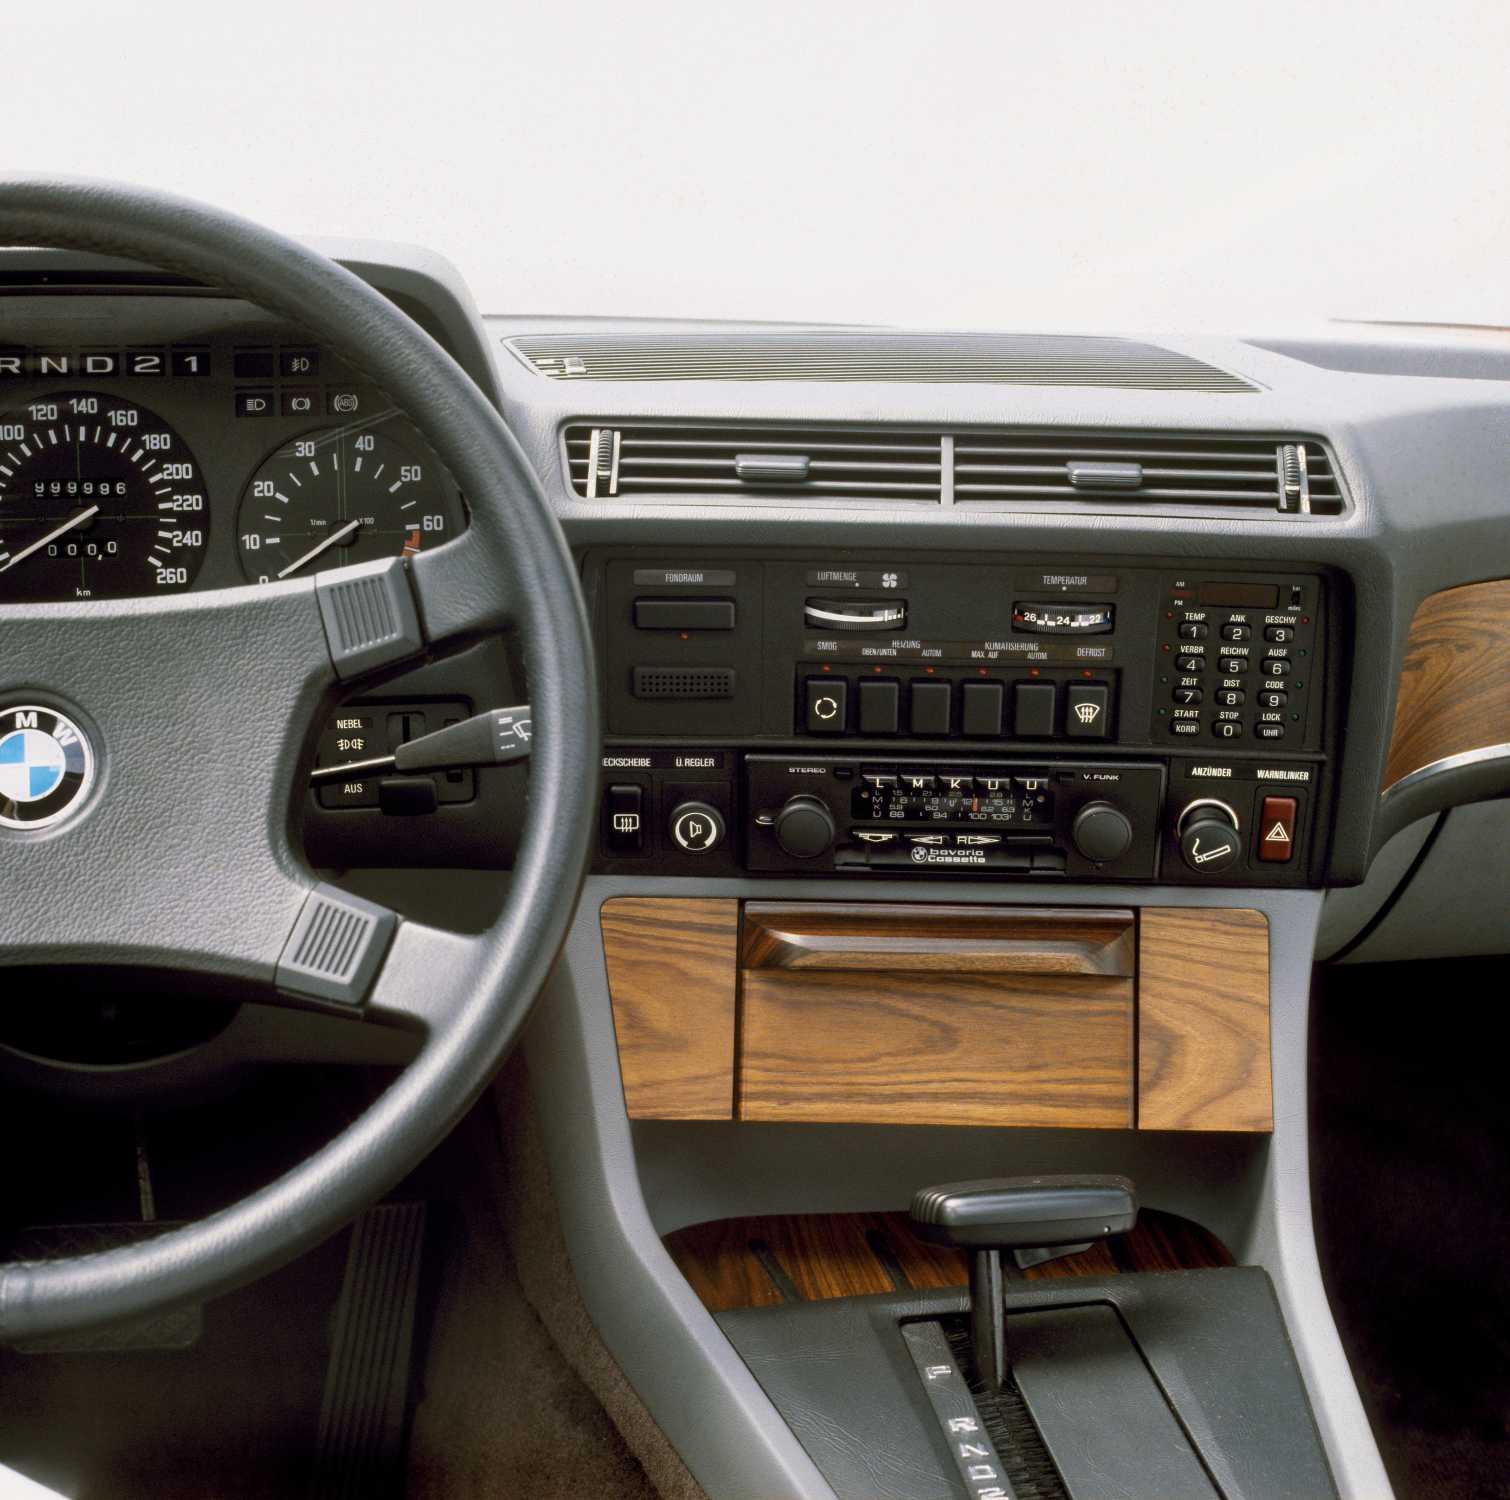 BMW 745i Bordcomputer Und Klimaanlage